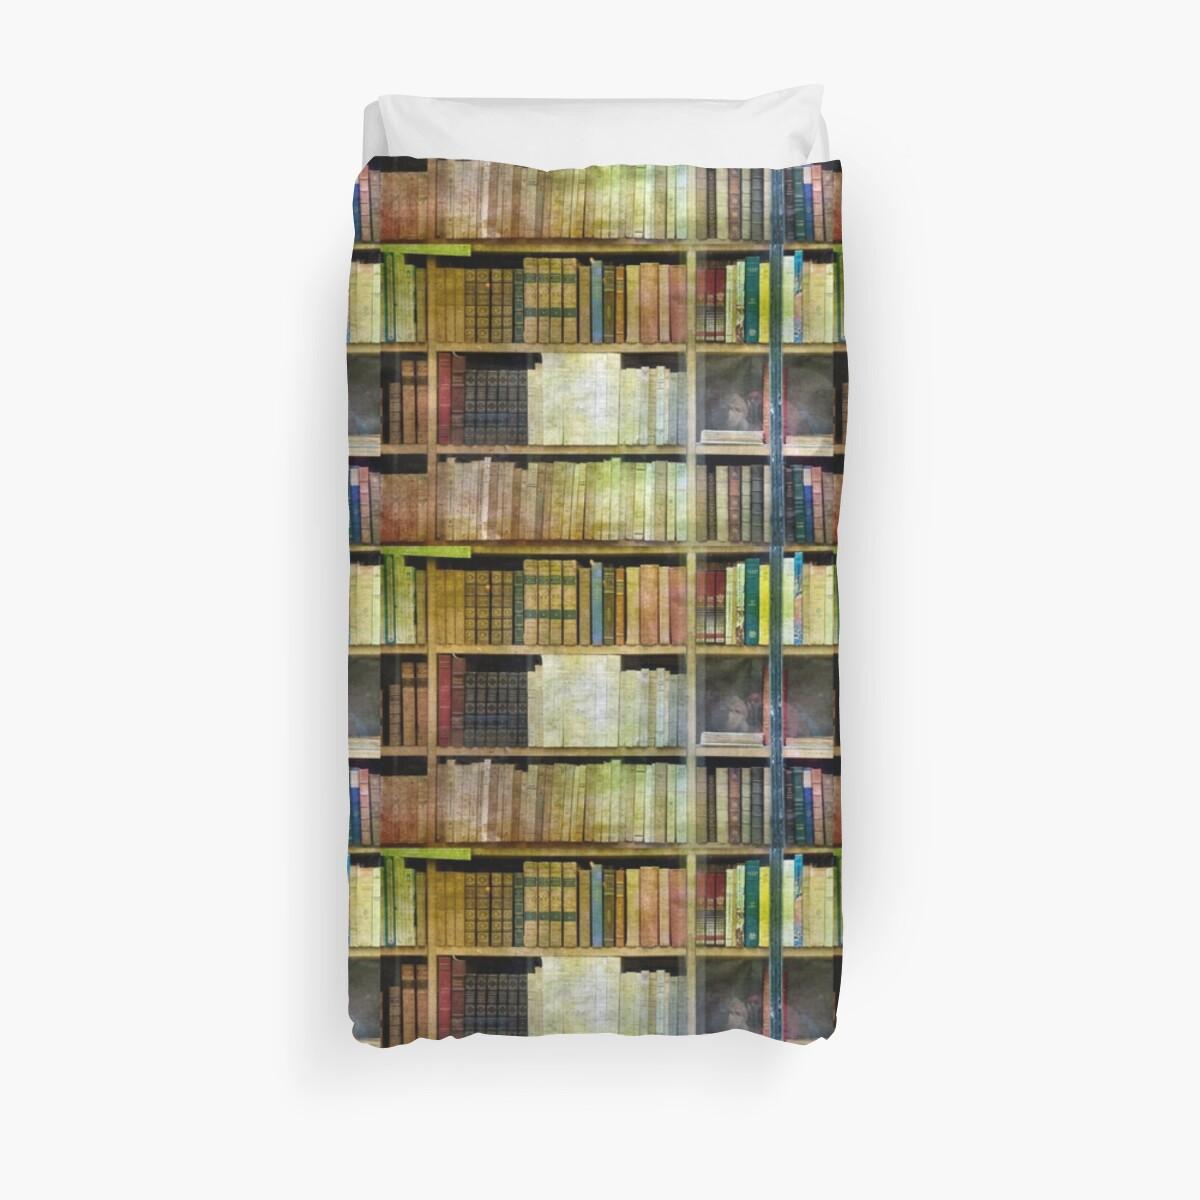 Antike Bücher von Kasia-D